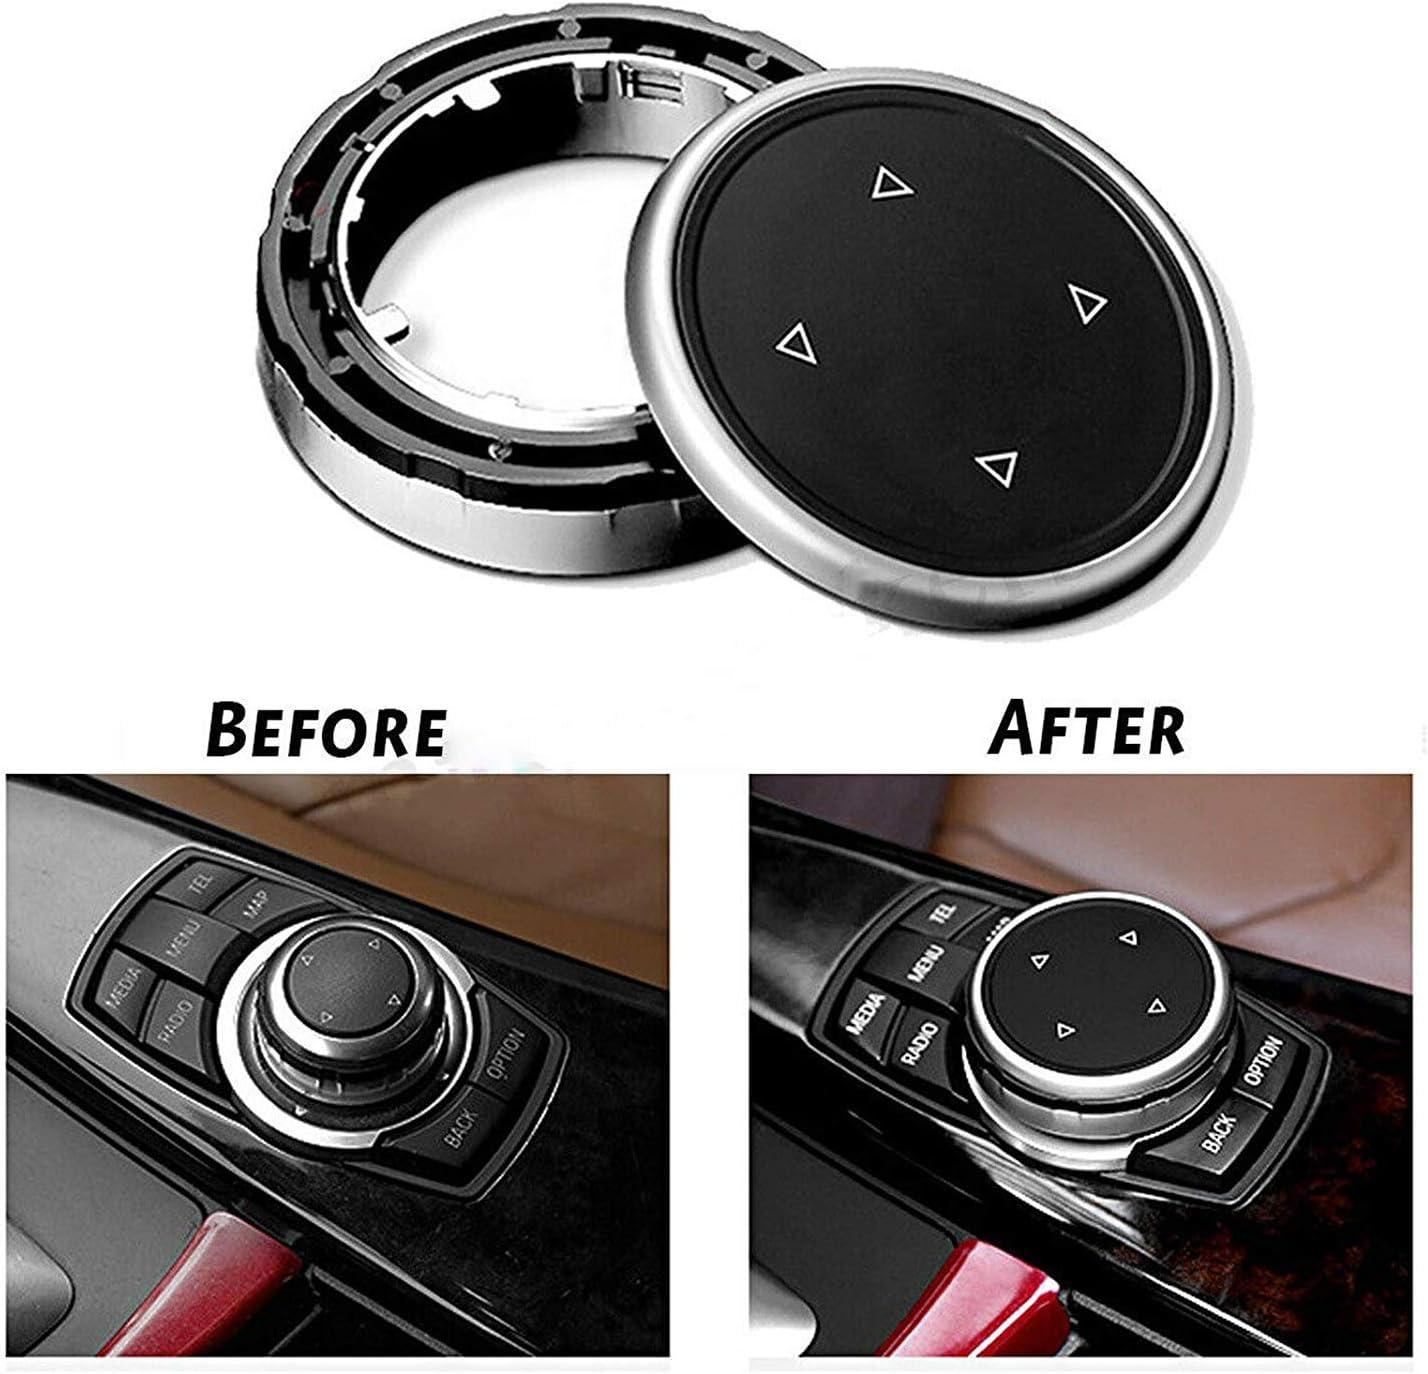 Black Qook Car Interior Center Console Multimedia Buttons Decorative Cover Frame Trim for BMW X1 X3 X5 X6 F30 E90 F10 F18 F25 E60